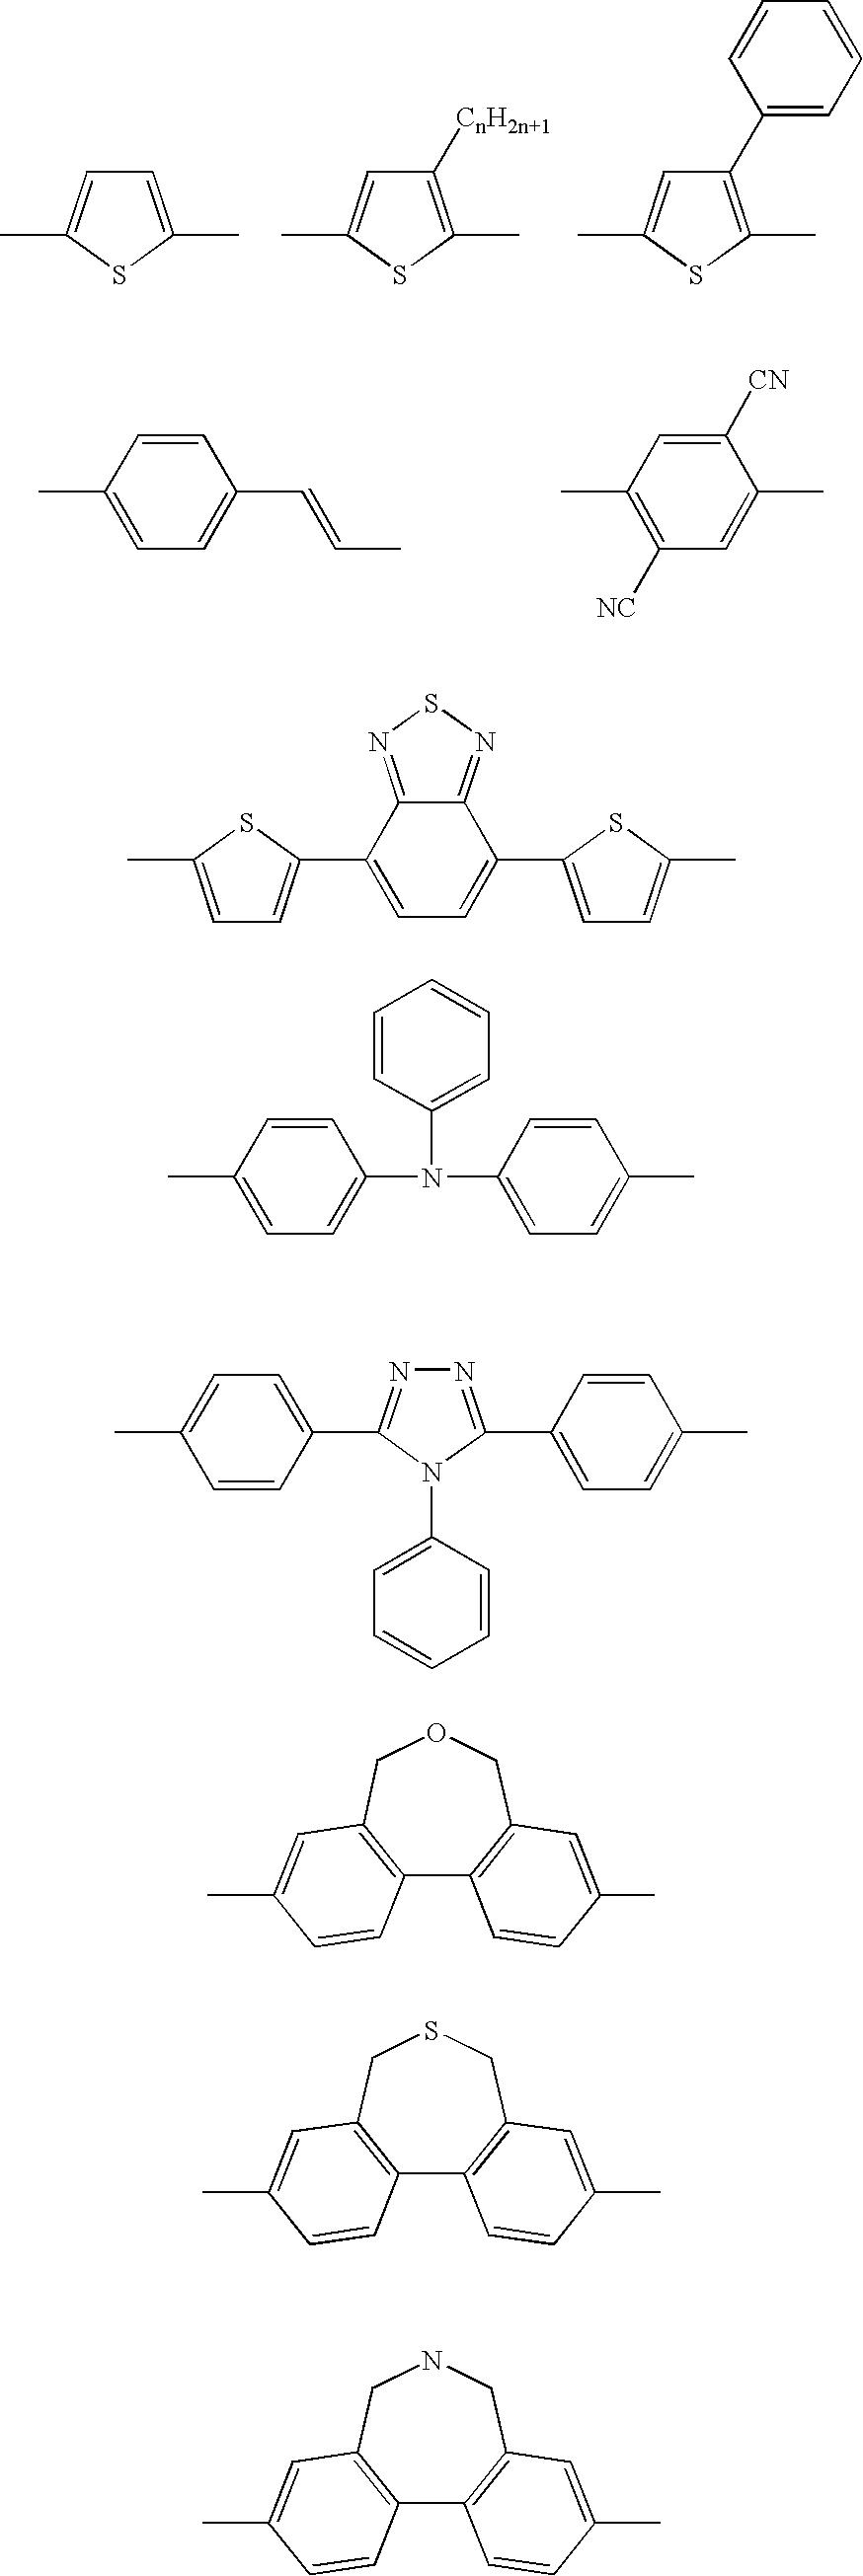 Figure US20040260047A1-20041223-C00002